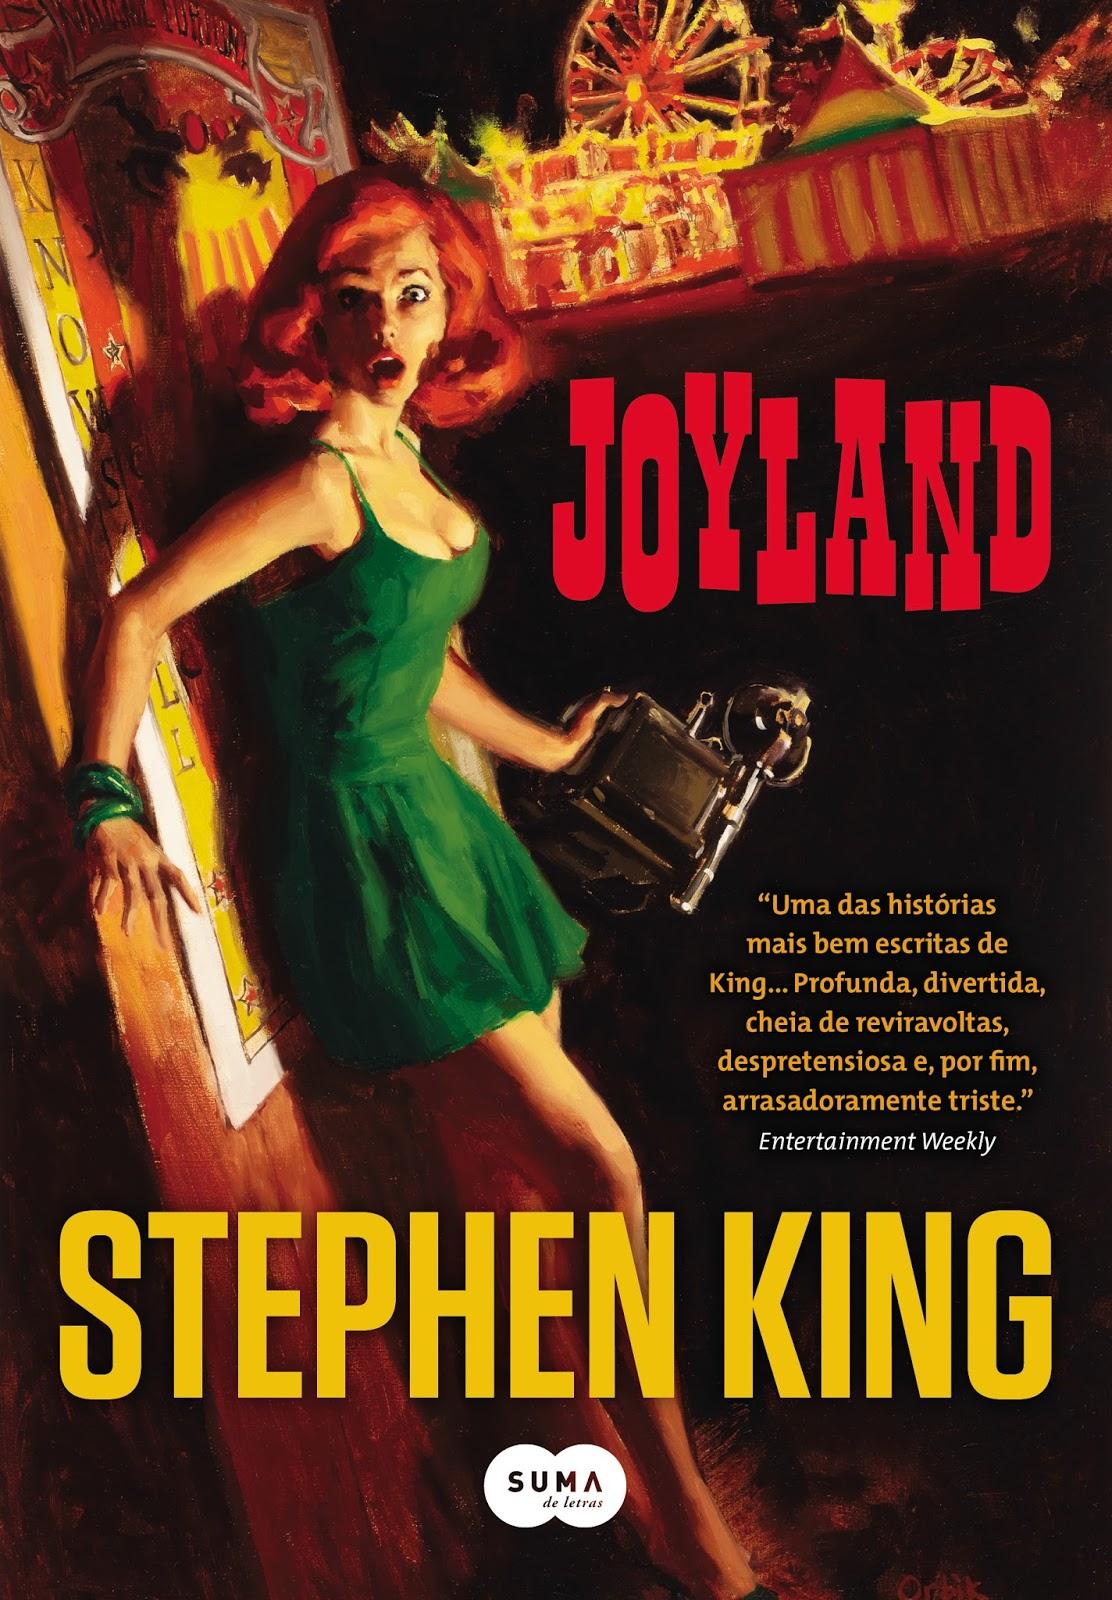 Joyland, de Stephen King, será adaptada para série de TV